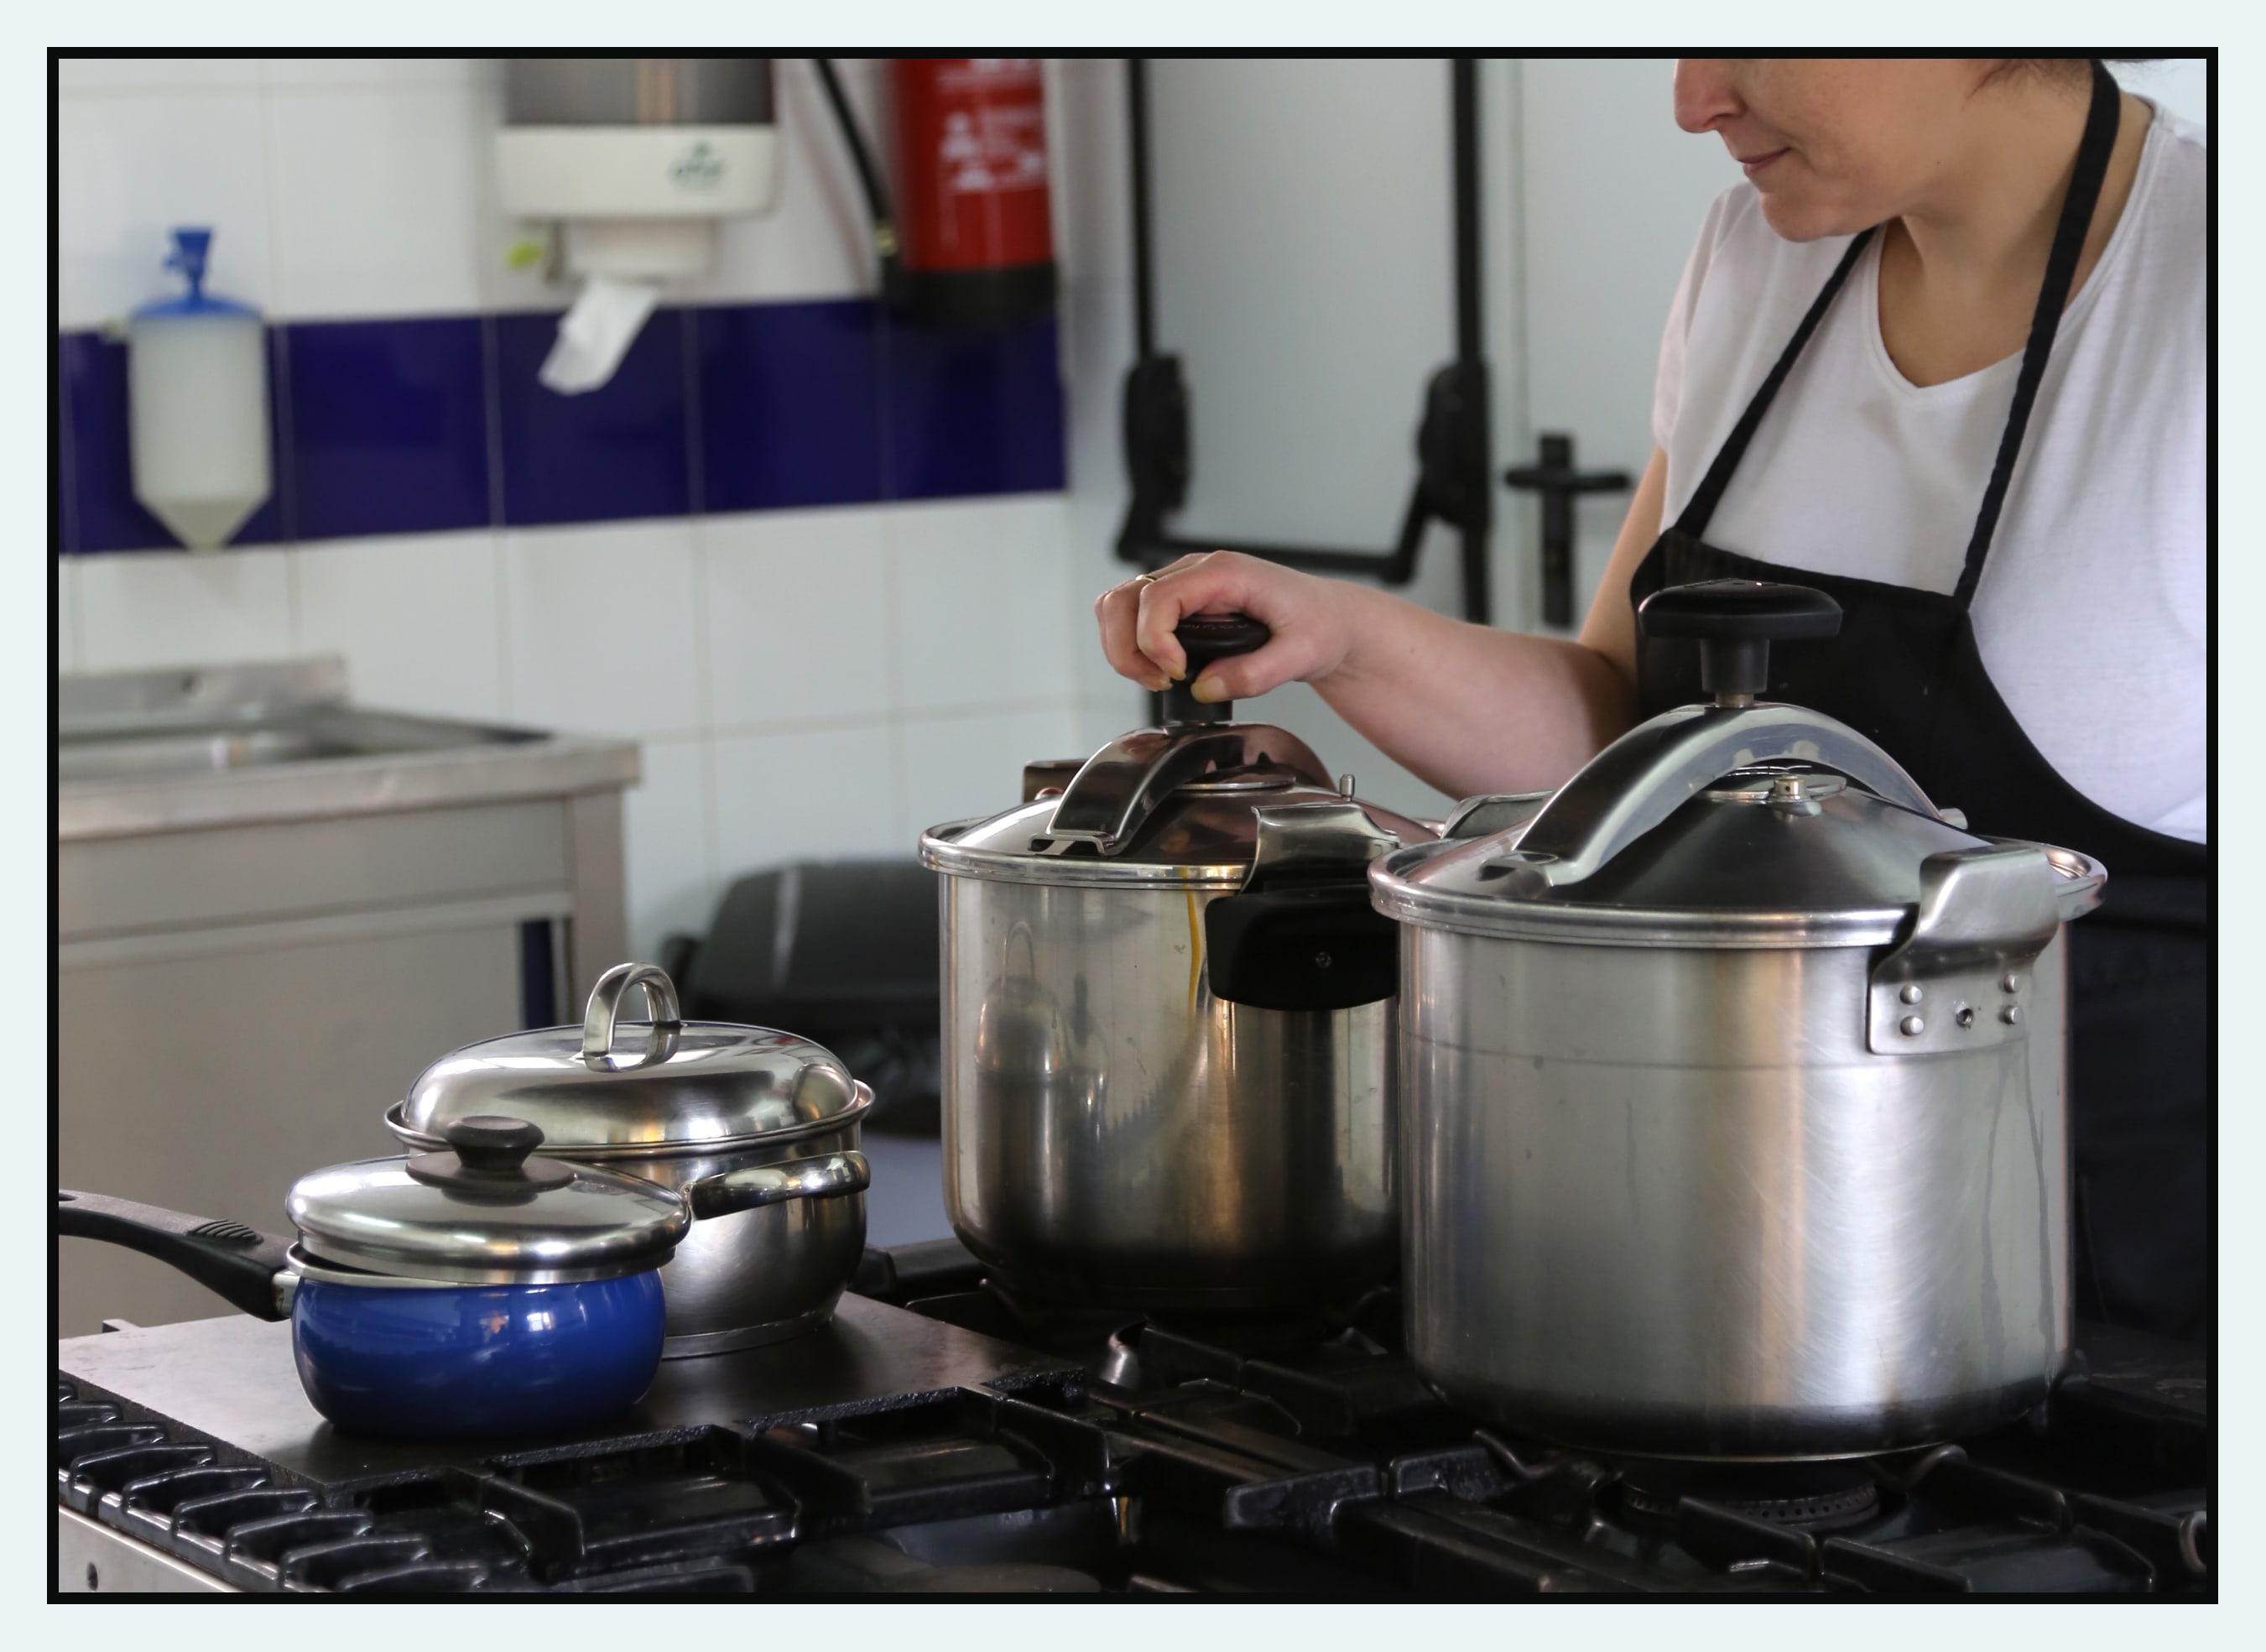 cocina2-min